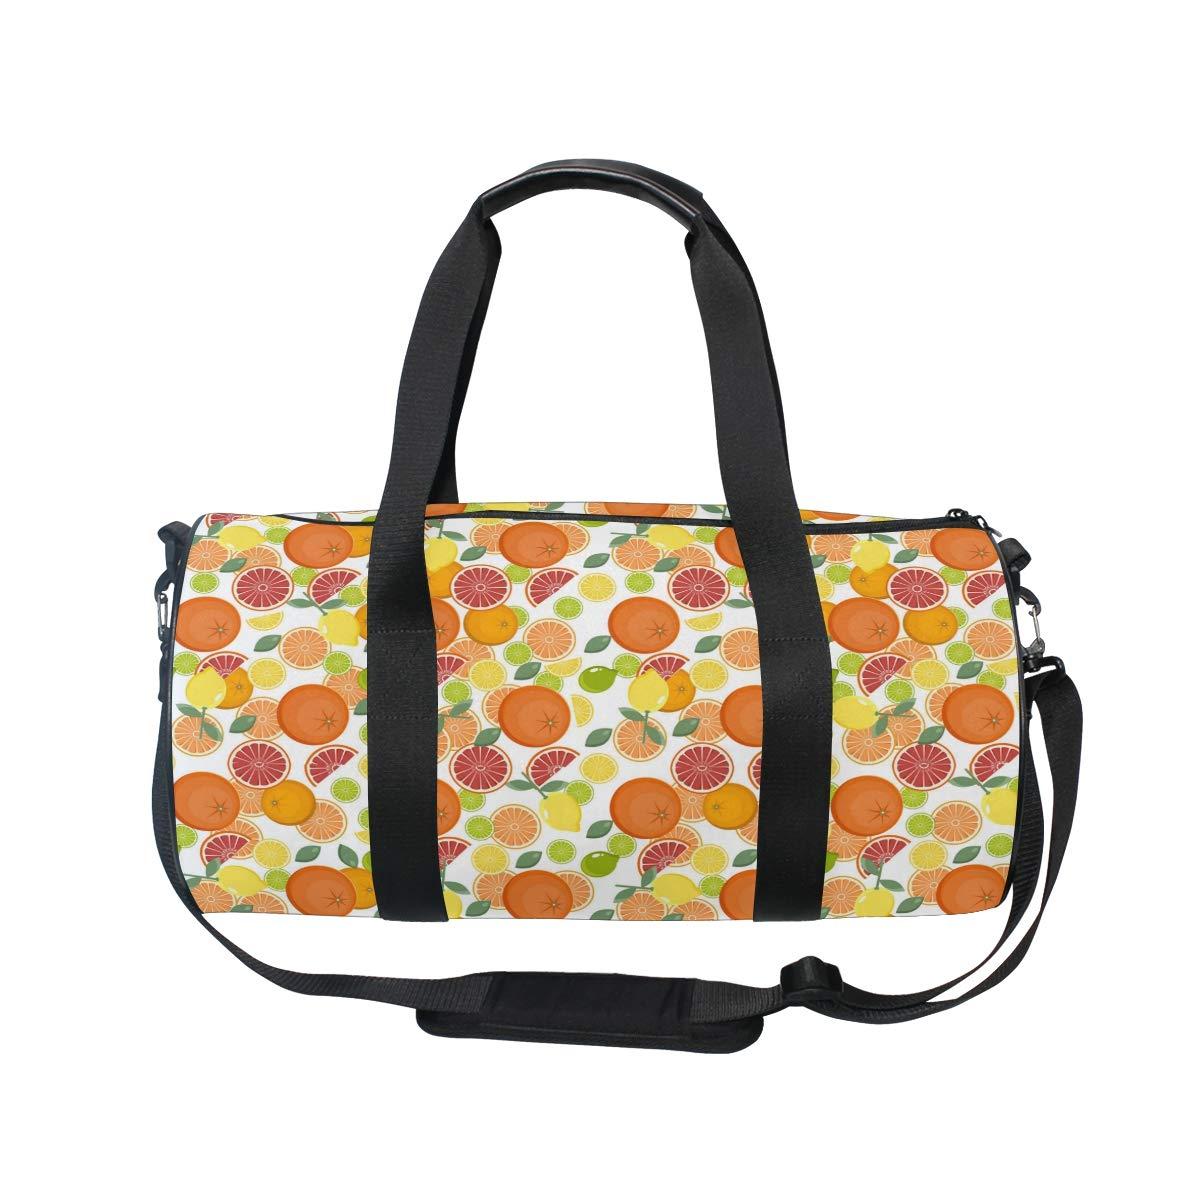 Waterproof Non-Slip Wearable Crossbody Bag fitness bag Shoulder Bag Fruit Basket Picture